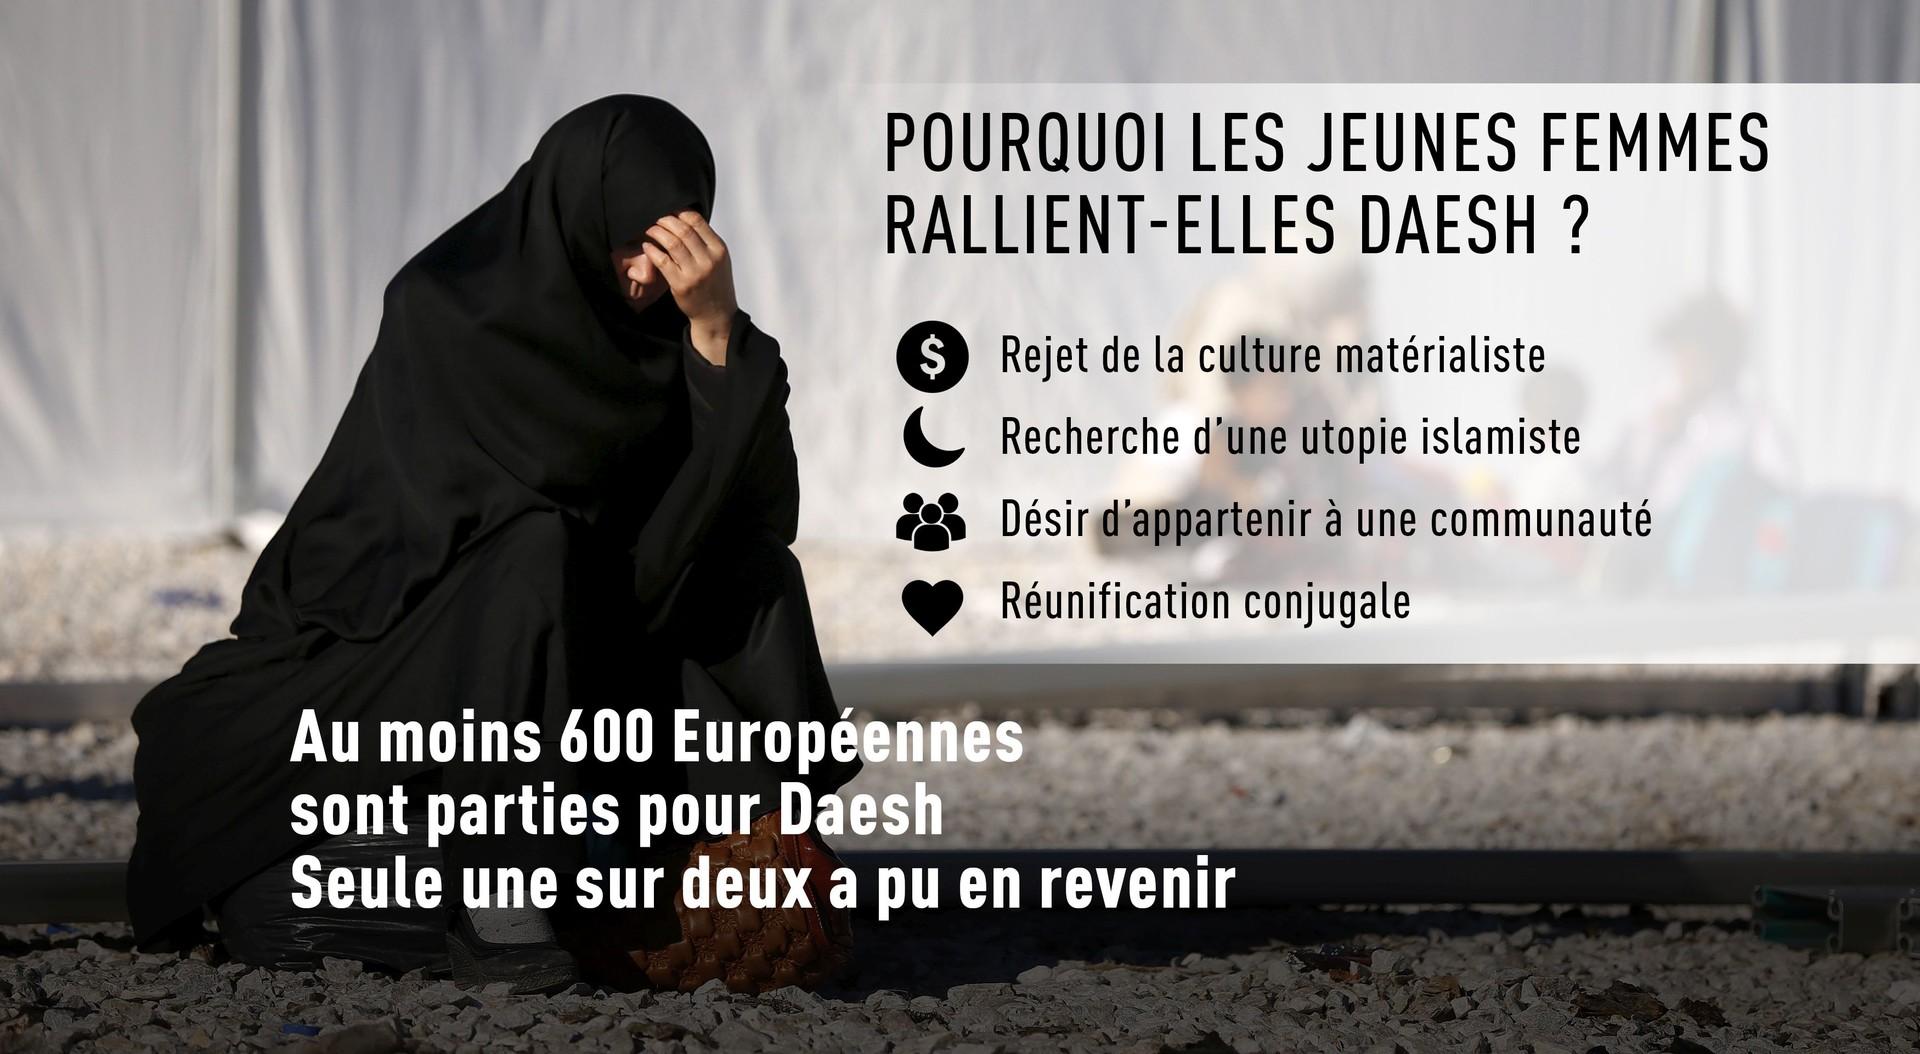 Pourquoi les jeunes femmes rallient-elles Daesh ?